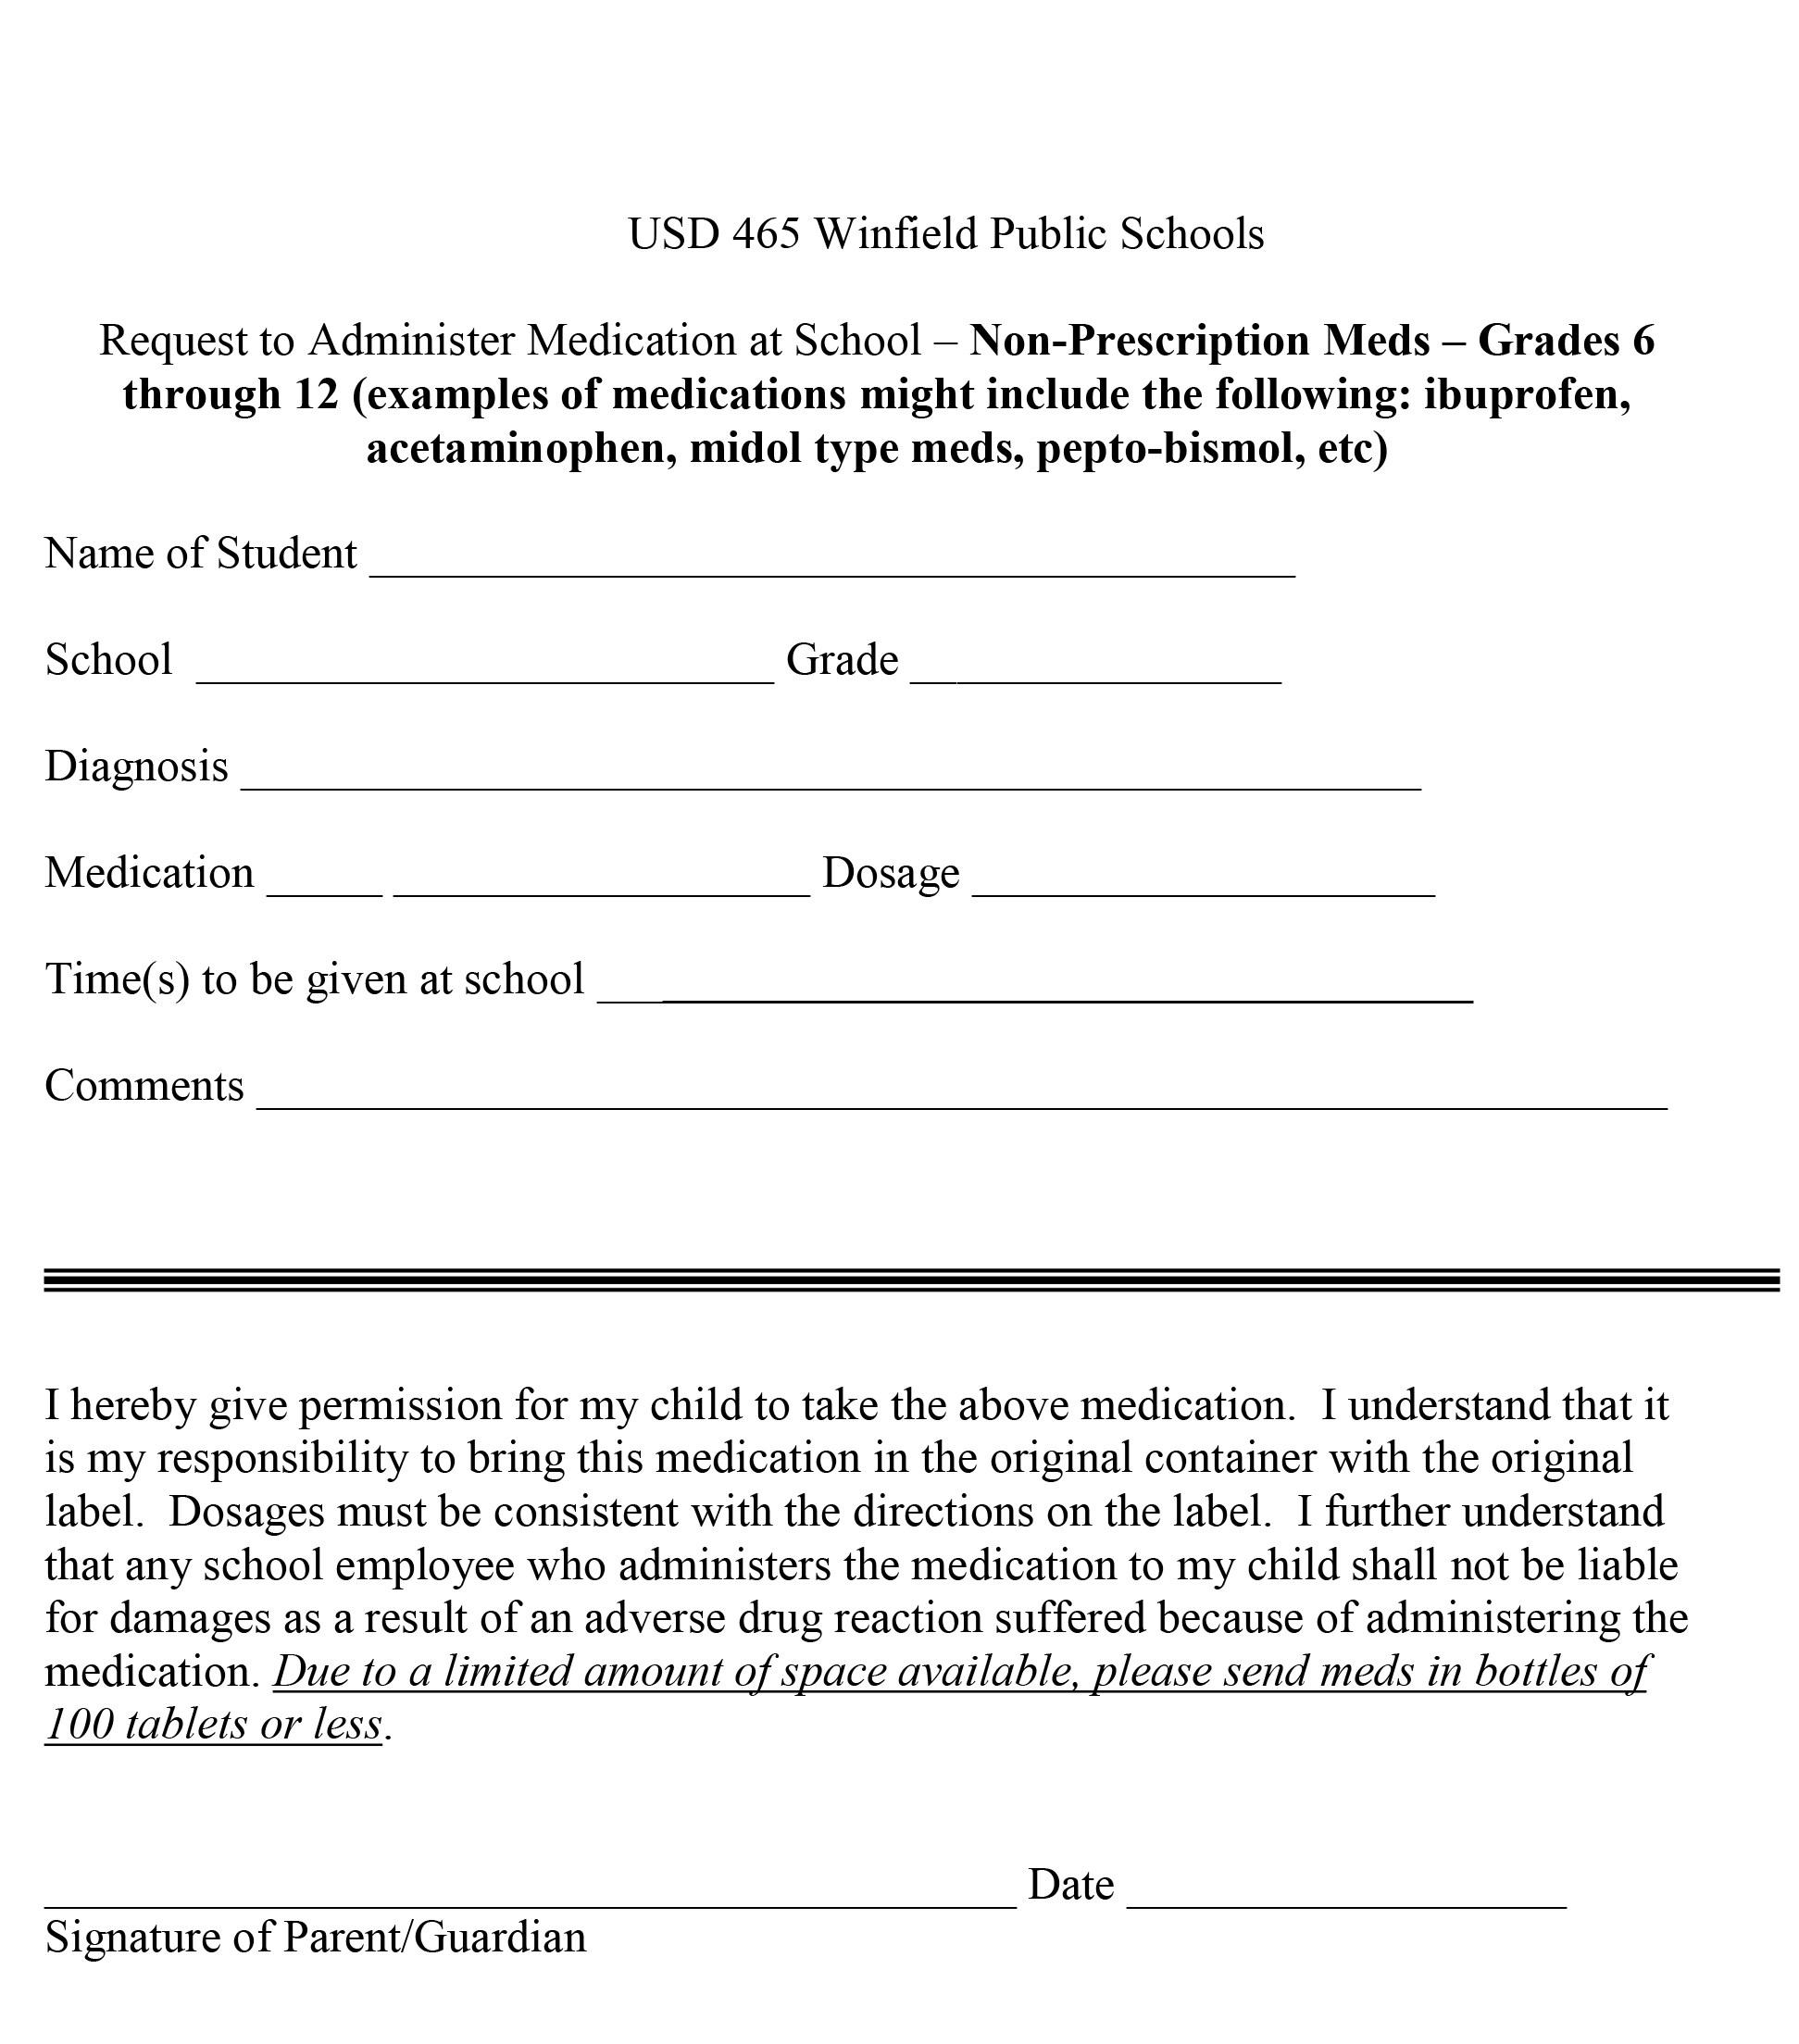 NonPrescription Release Form 2016 Enrollment Winfield Unified – Parent Release Form